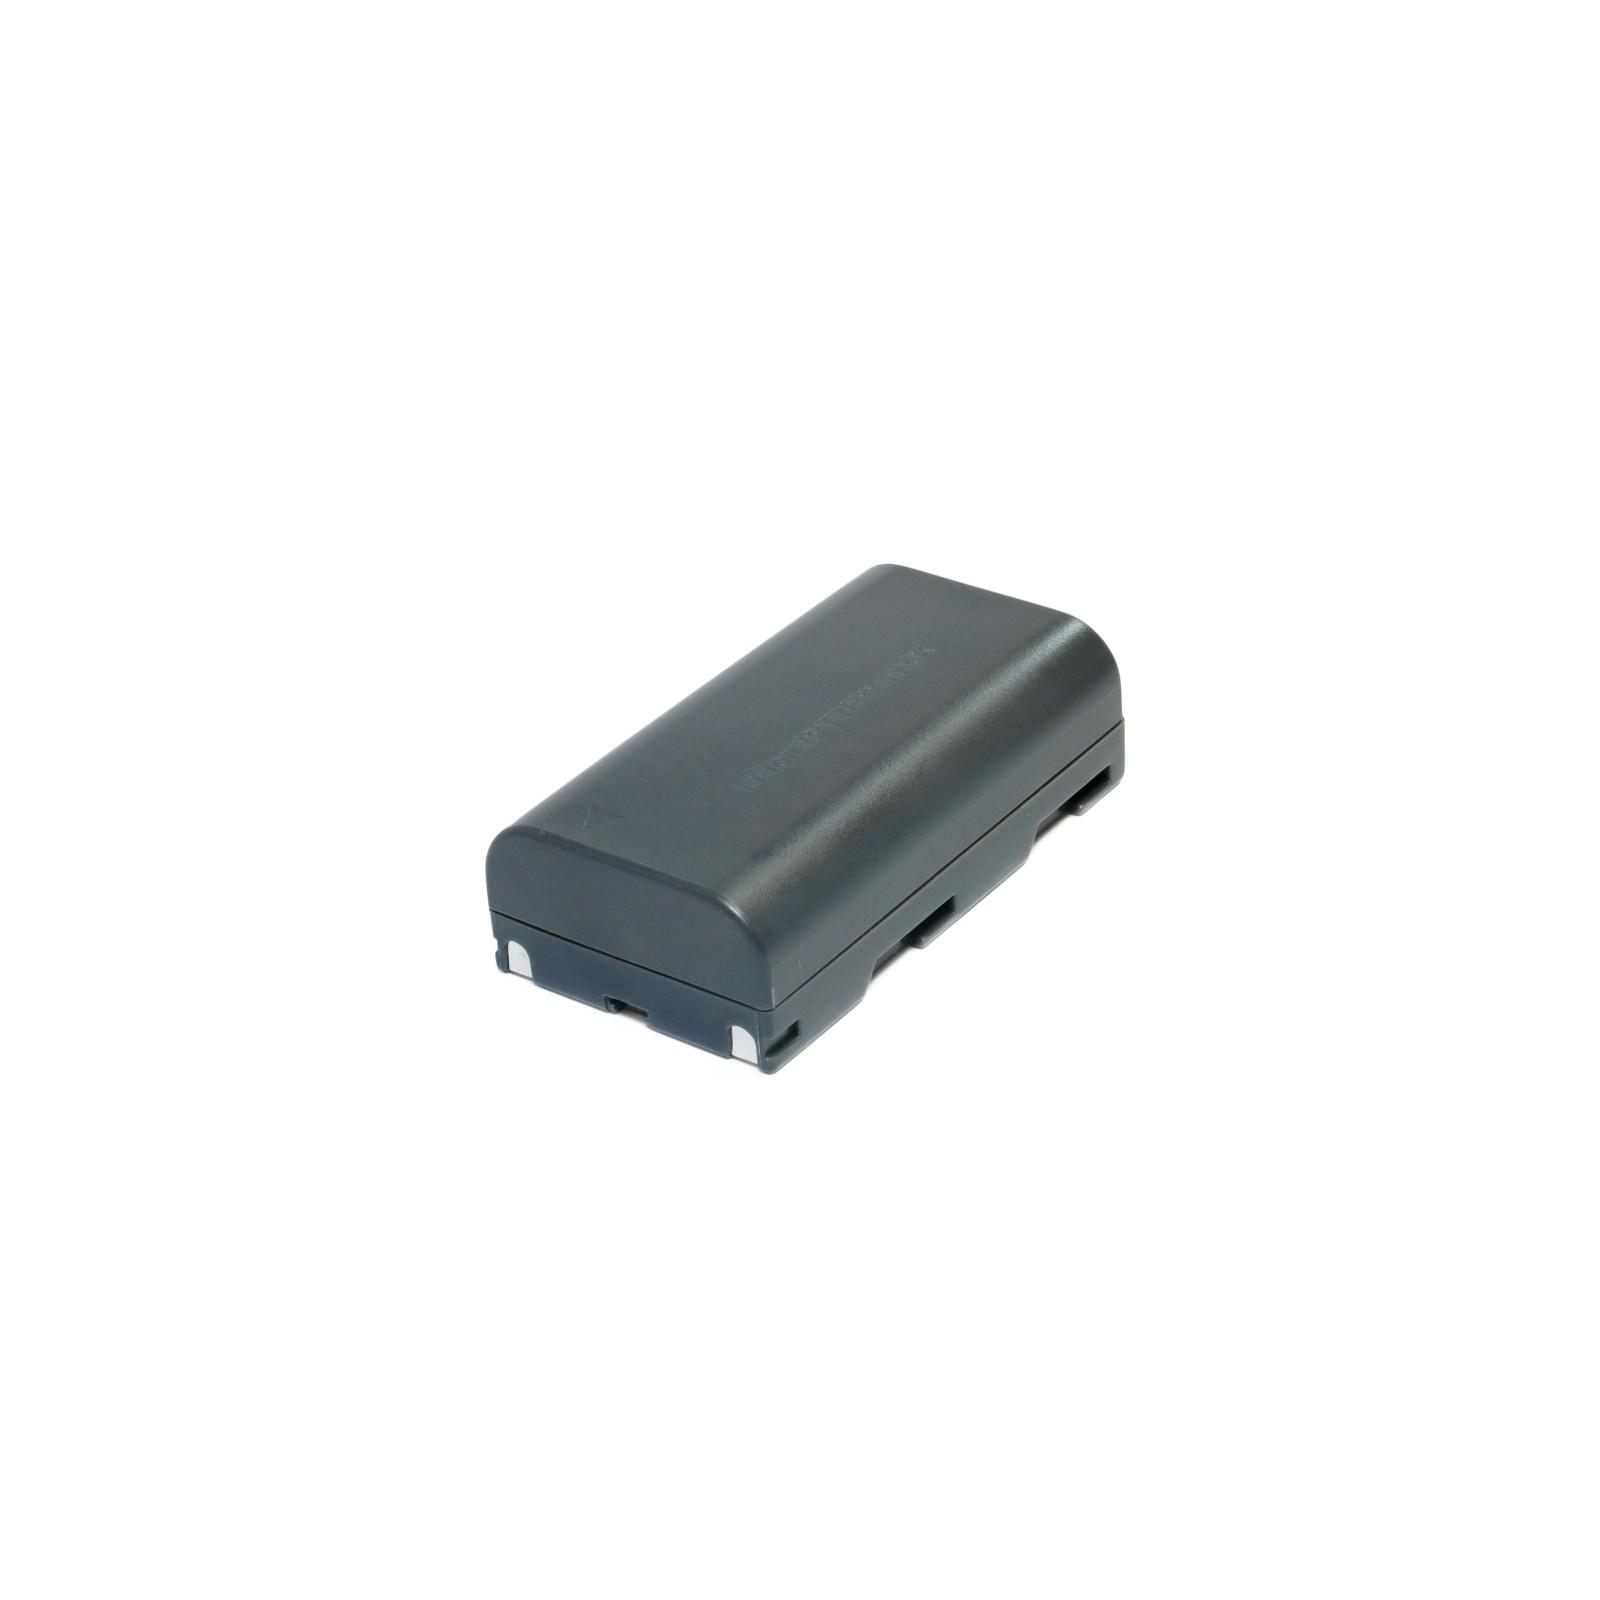 Аккумулятор к фото/видео EXTRADIGITAL Samsung SB-L160 (DV00DV1277) изображение 3